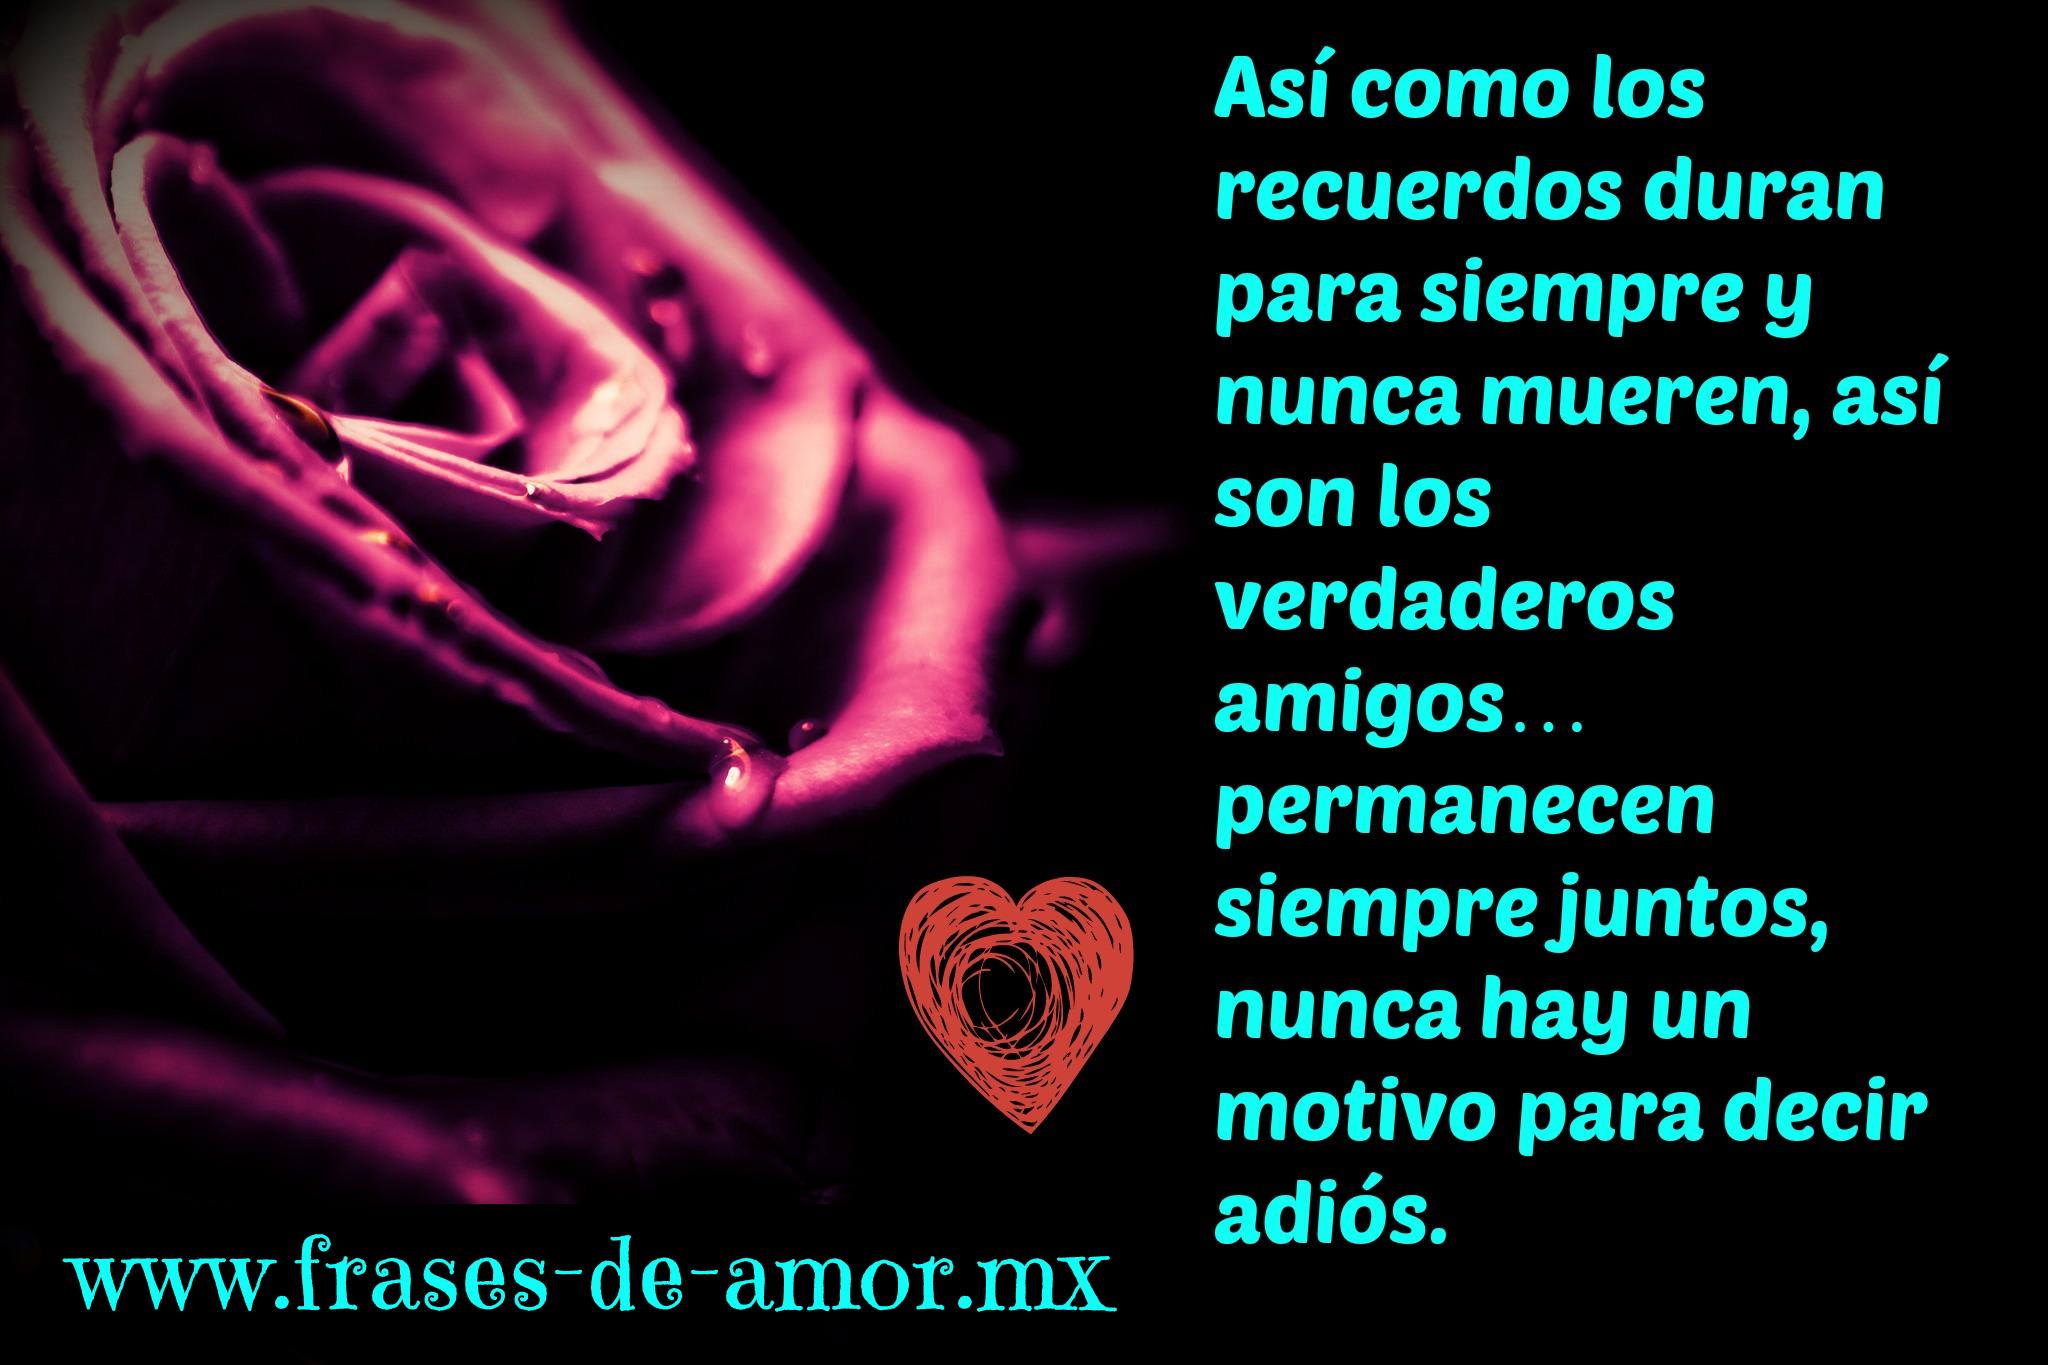 decir adios Frases de Amor No hay entarios · As o los recuerdos duran para siempre y nunca mueren as son los verdaderos amigos